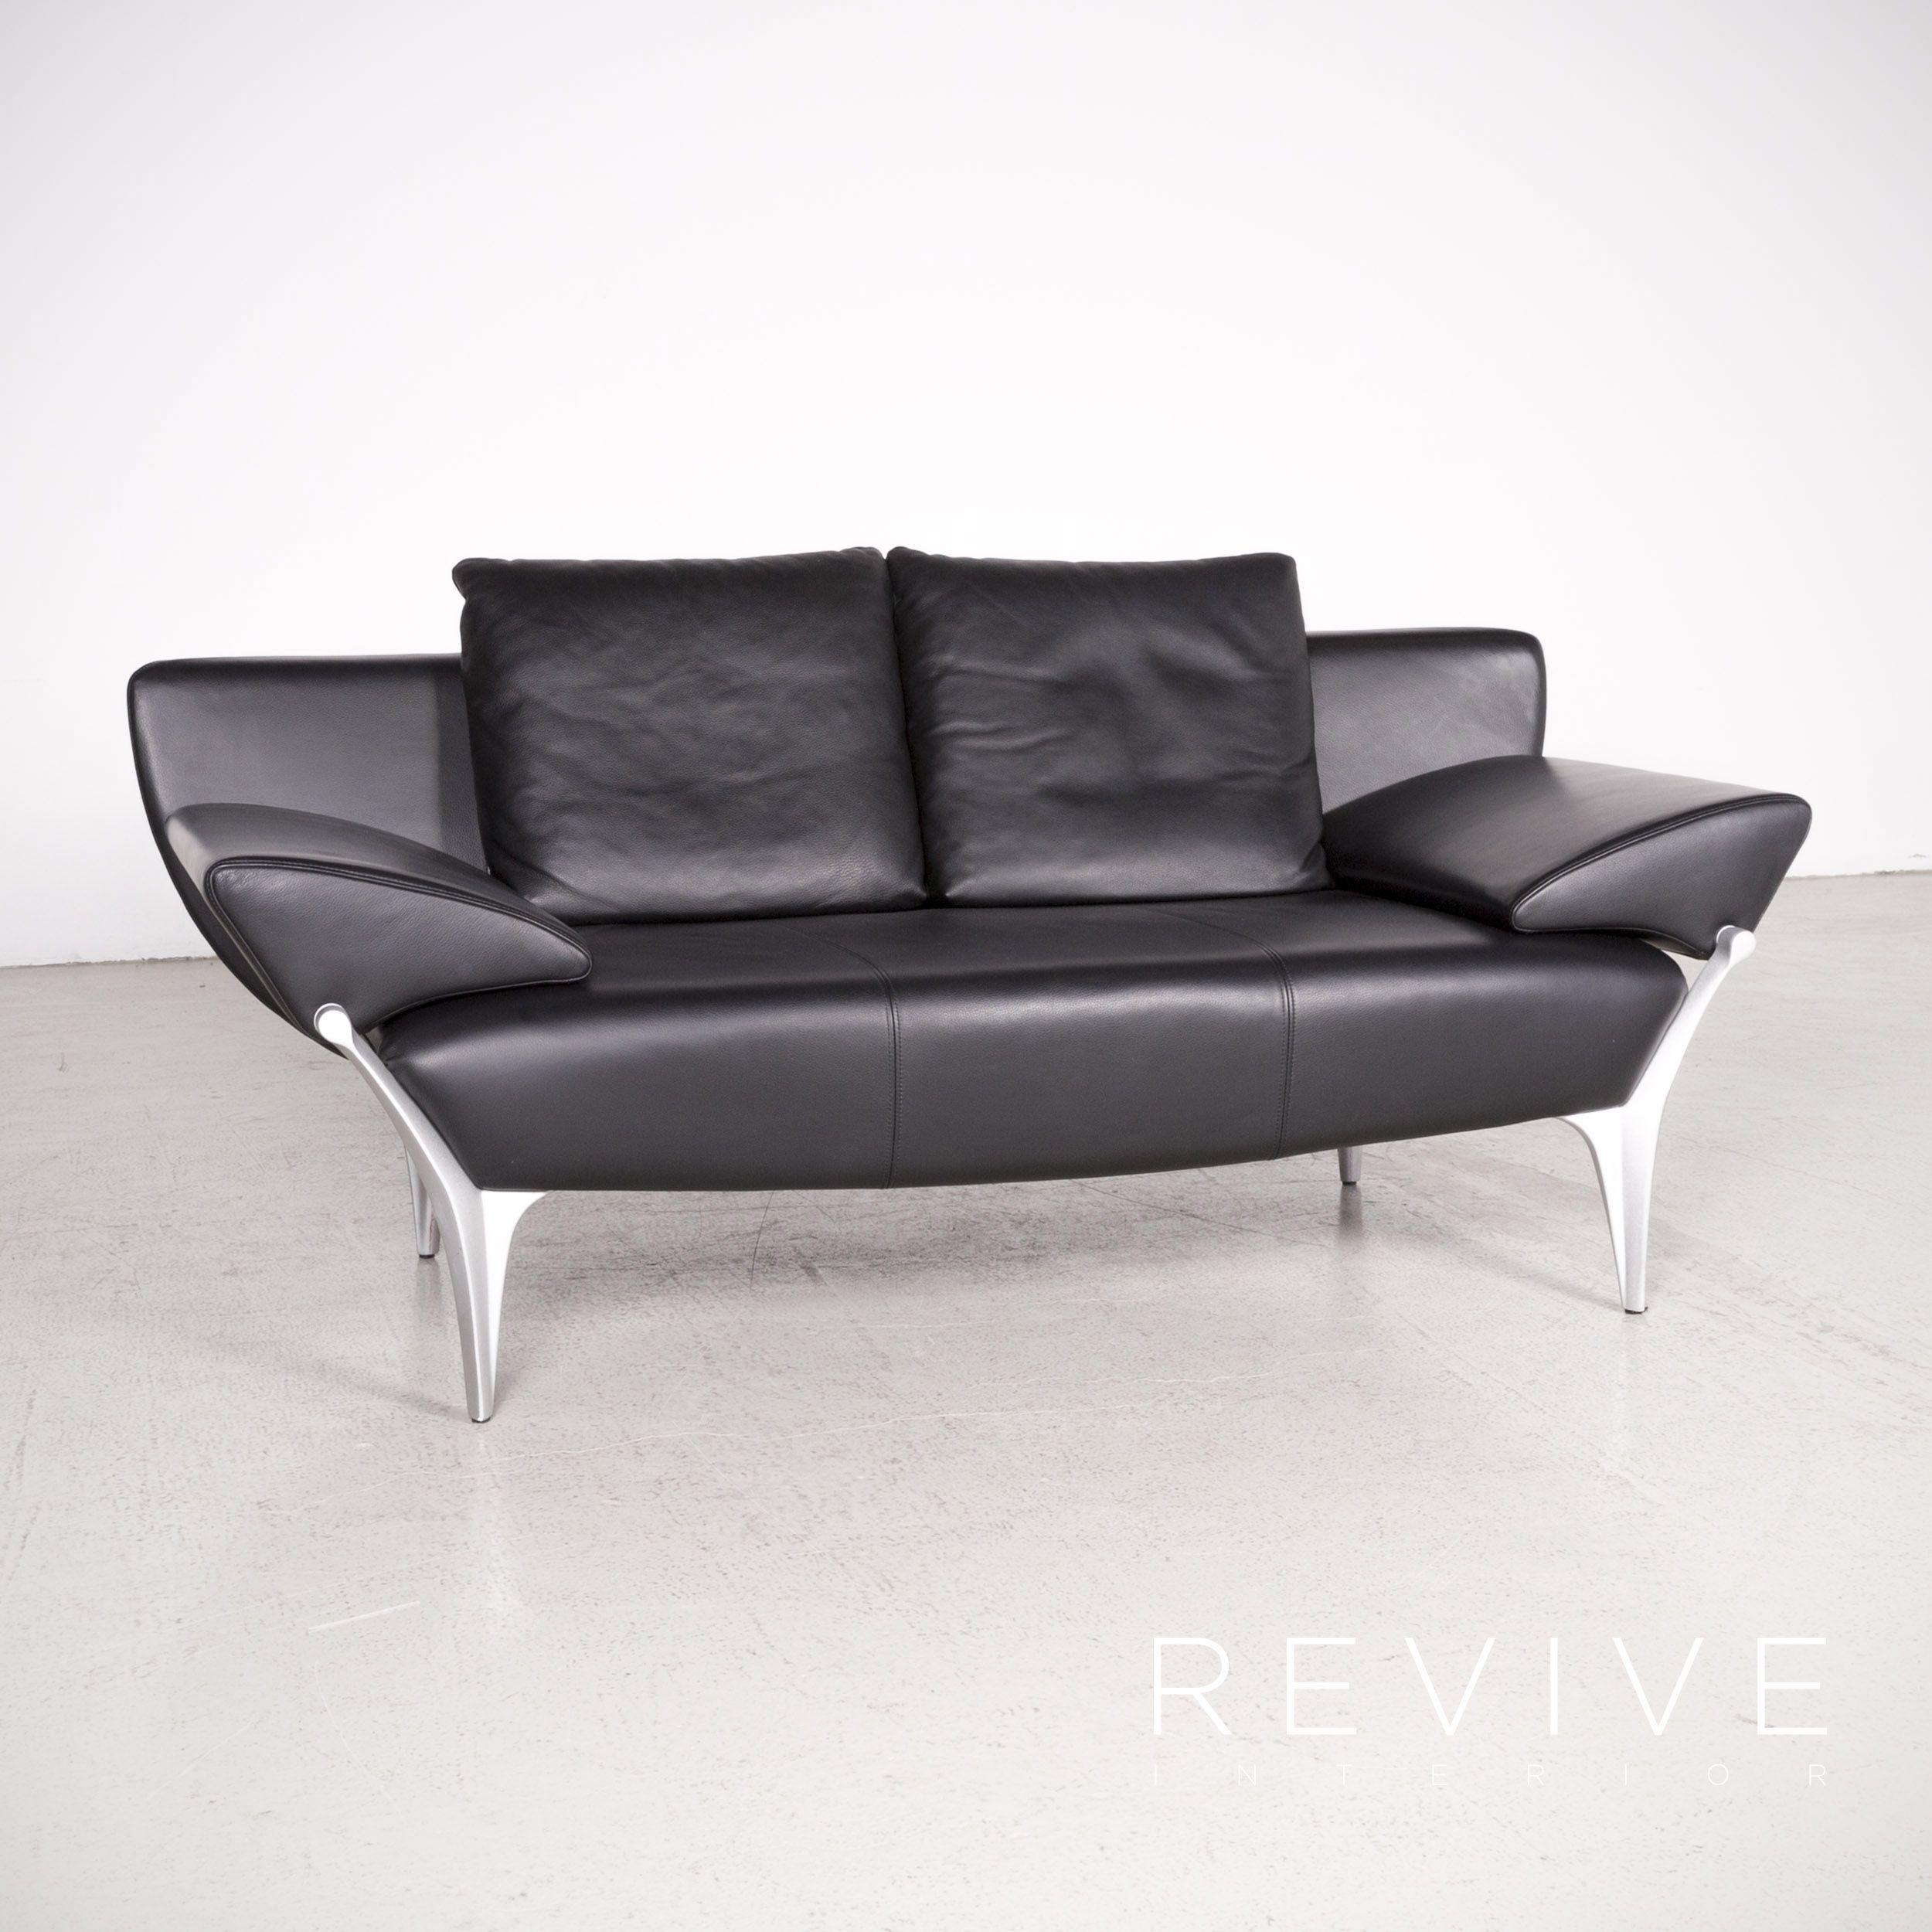 67 Begrenzt Couch Schwarz